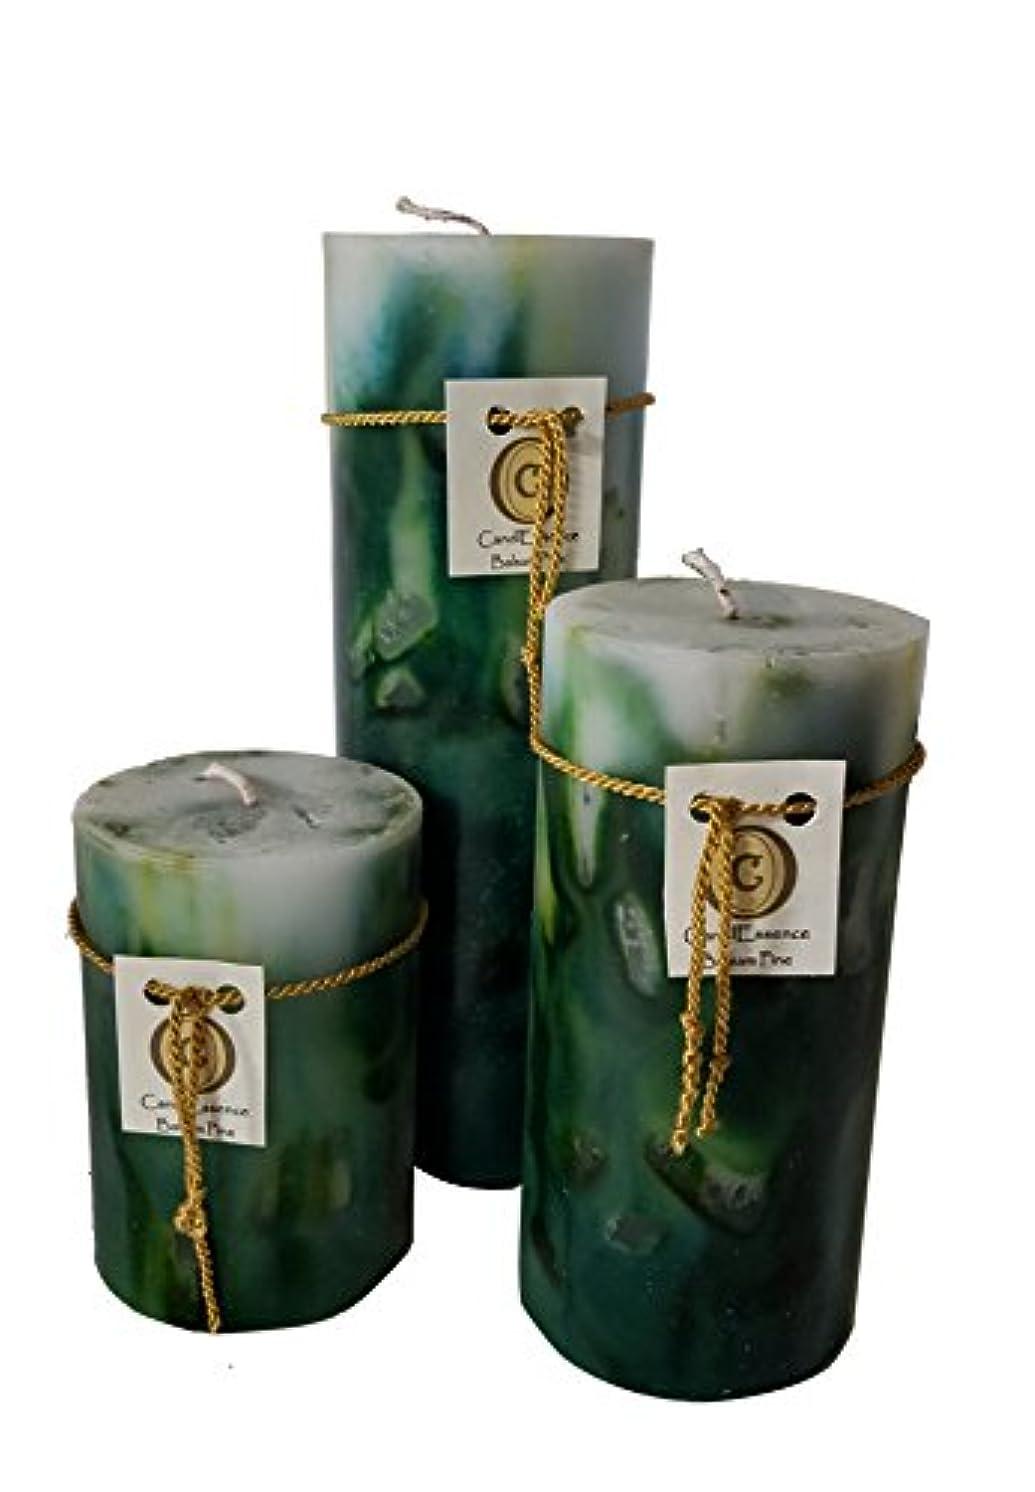 リーズフェデレーションと組むハンドメイドScented Candle – Long Burningピラー – Balsam Pine香り Set of 3 B01MYMQ92Y